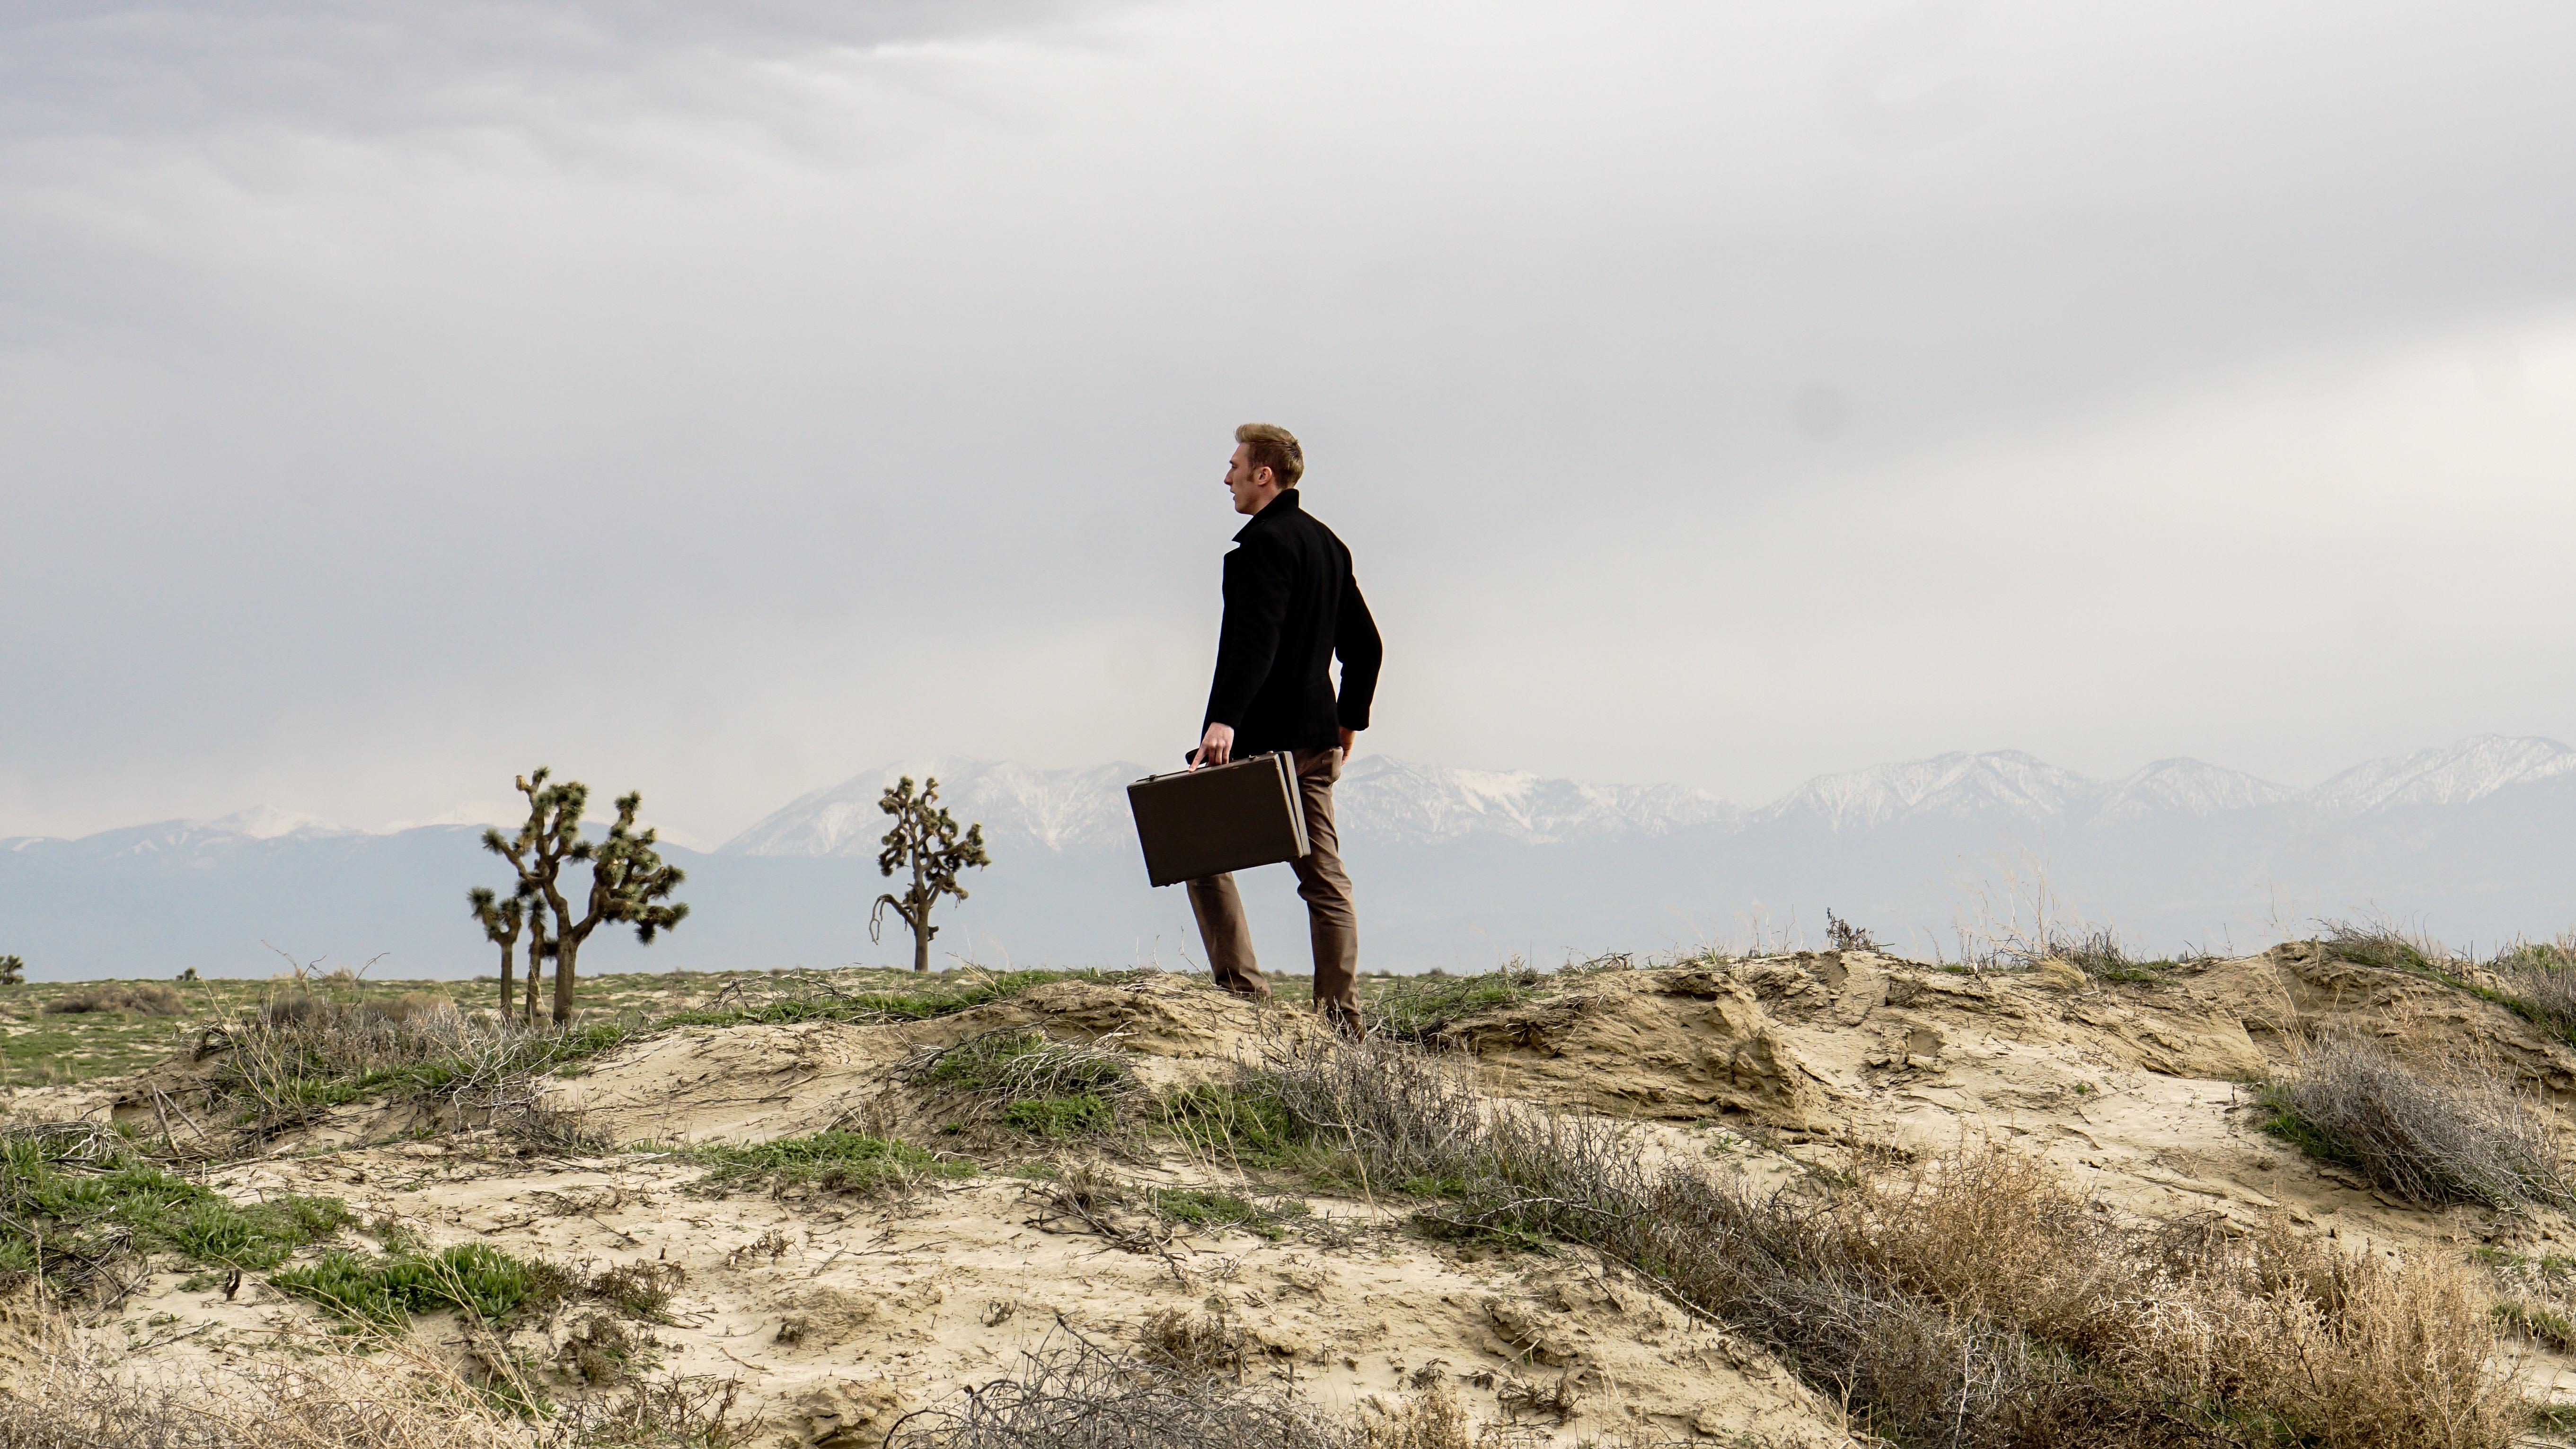 humana-moda-secondhand-fin-social-suelo-cambio-climático.jpg